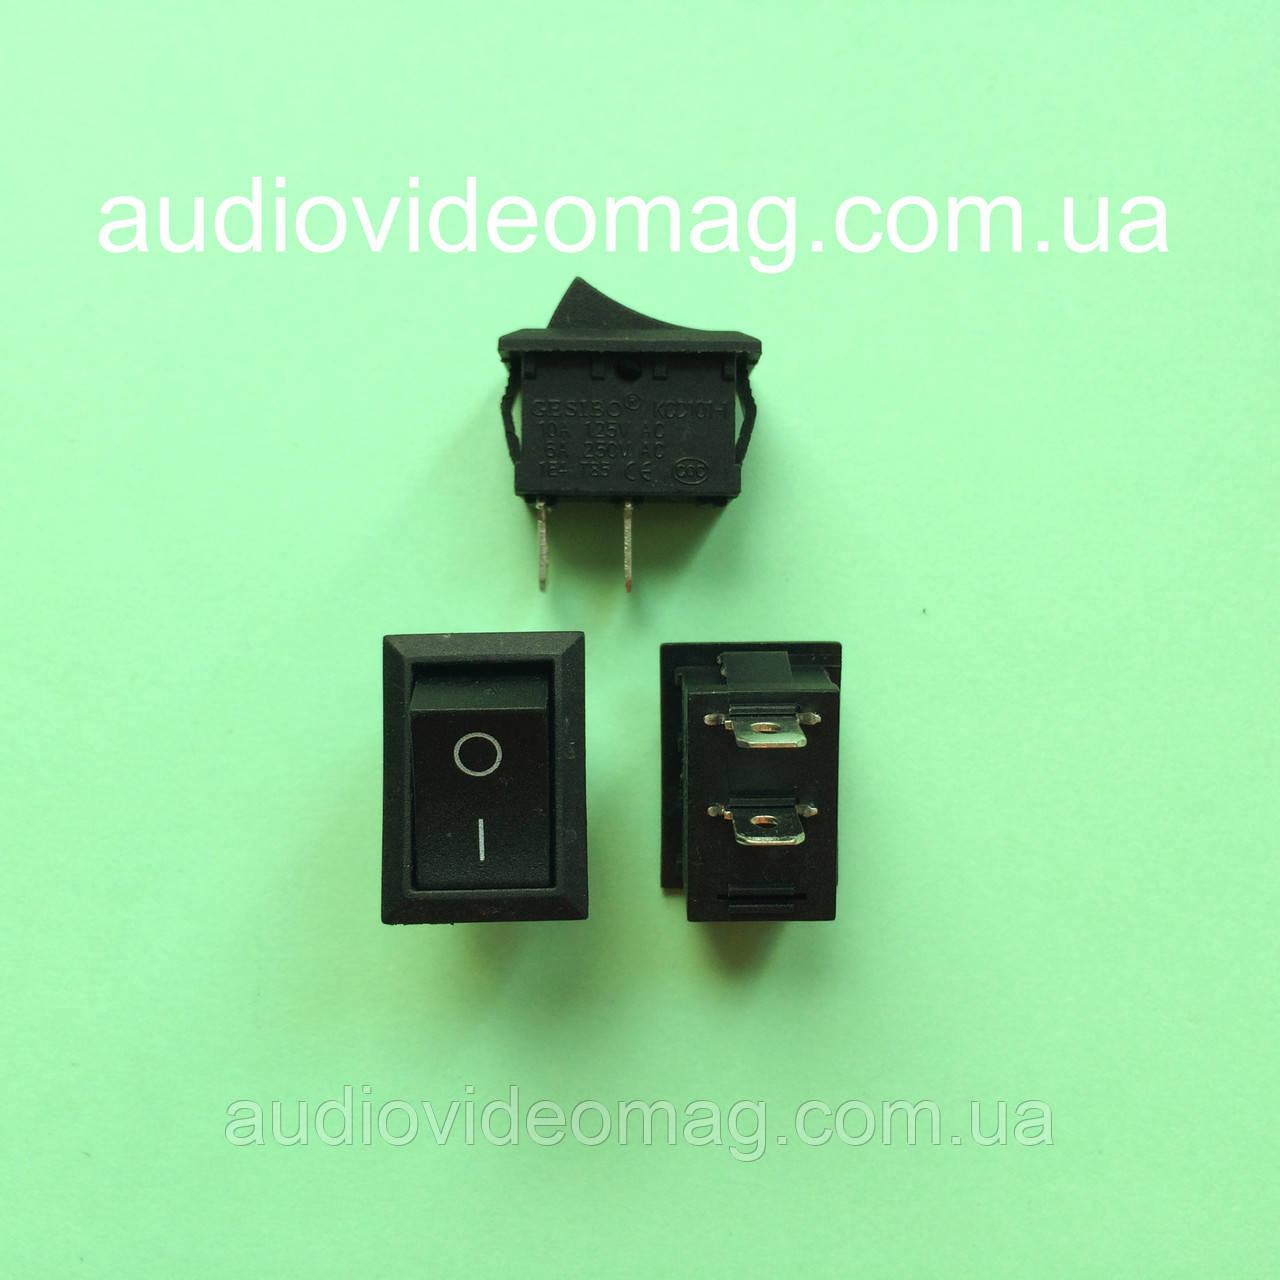 Мини кнопочный выключатель 250V 6A, 18.8 х 12.9 мм, черный